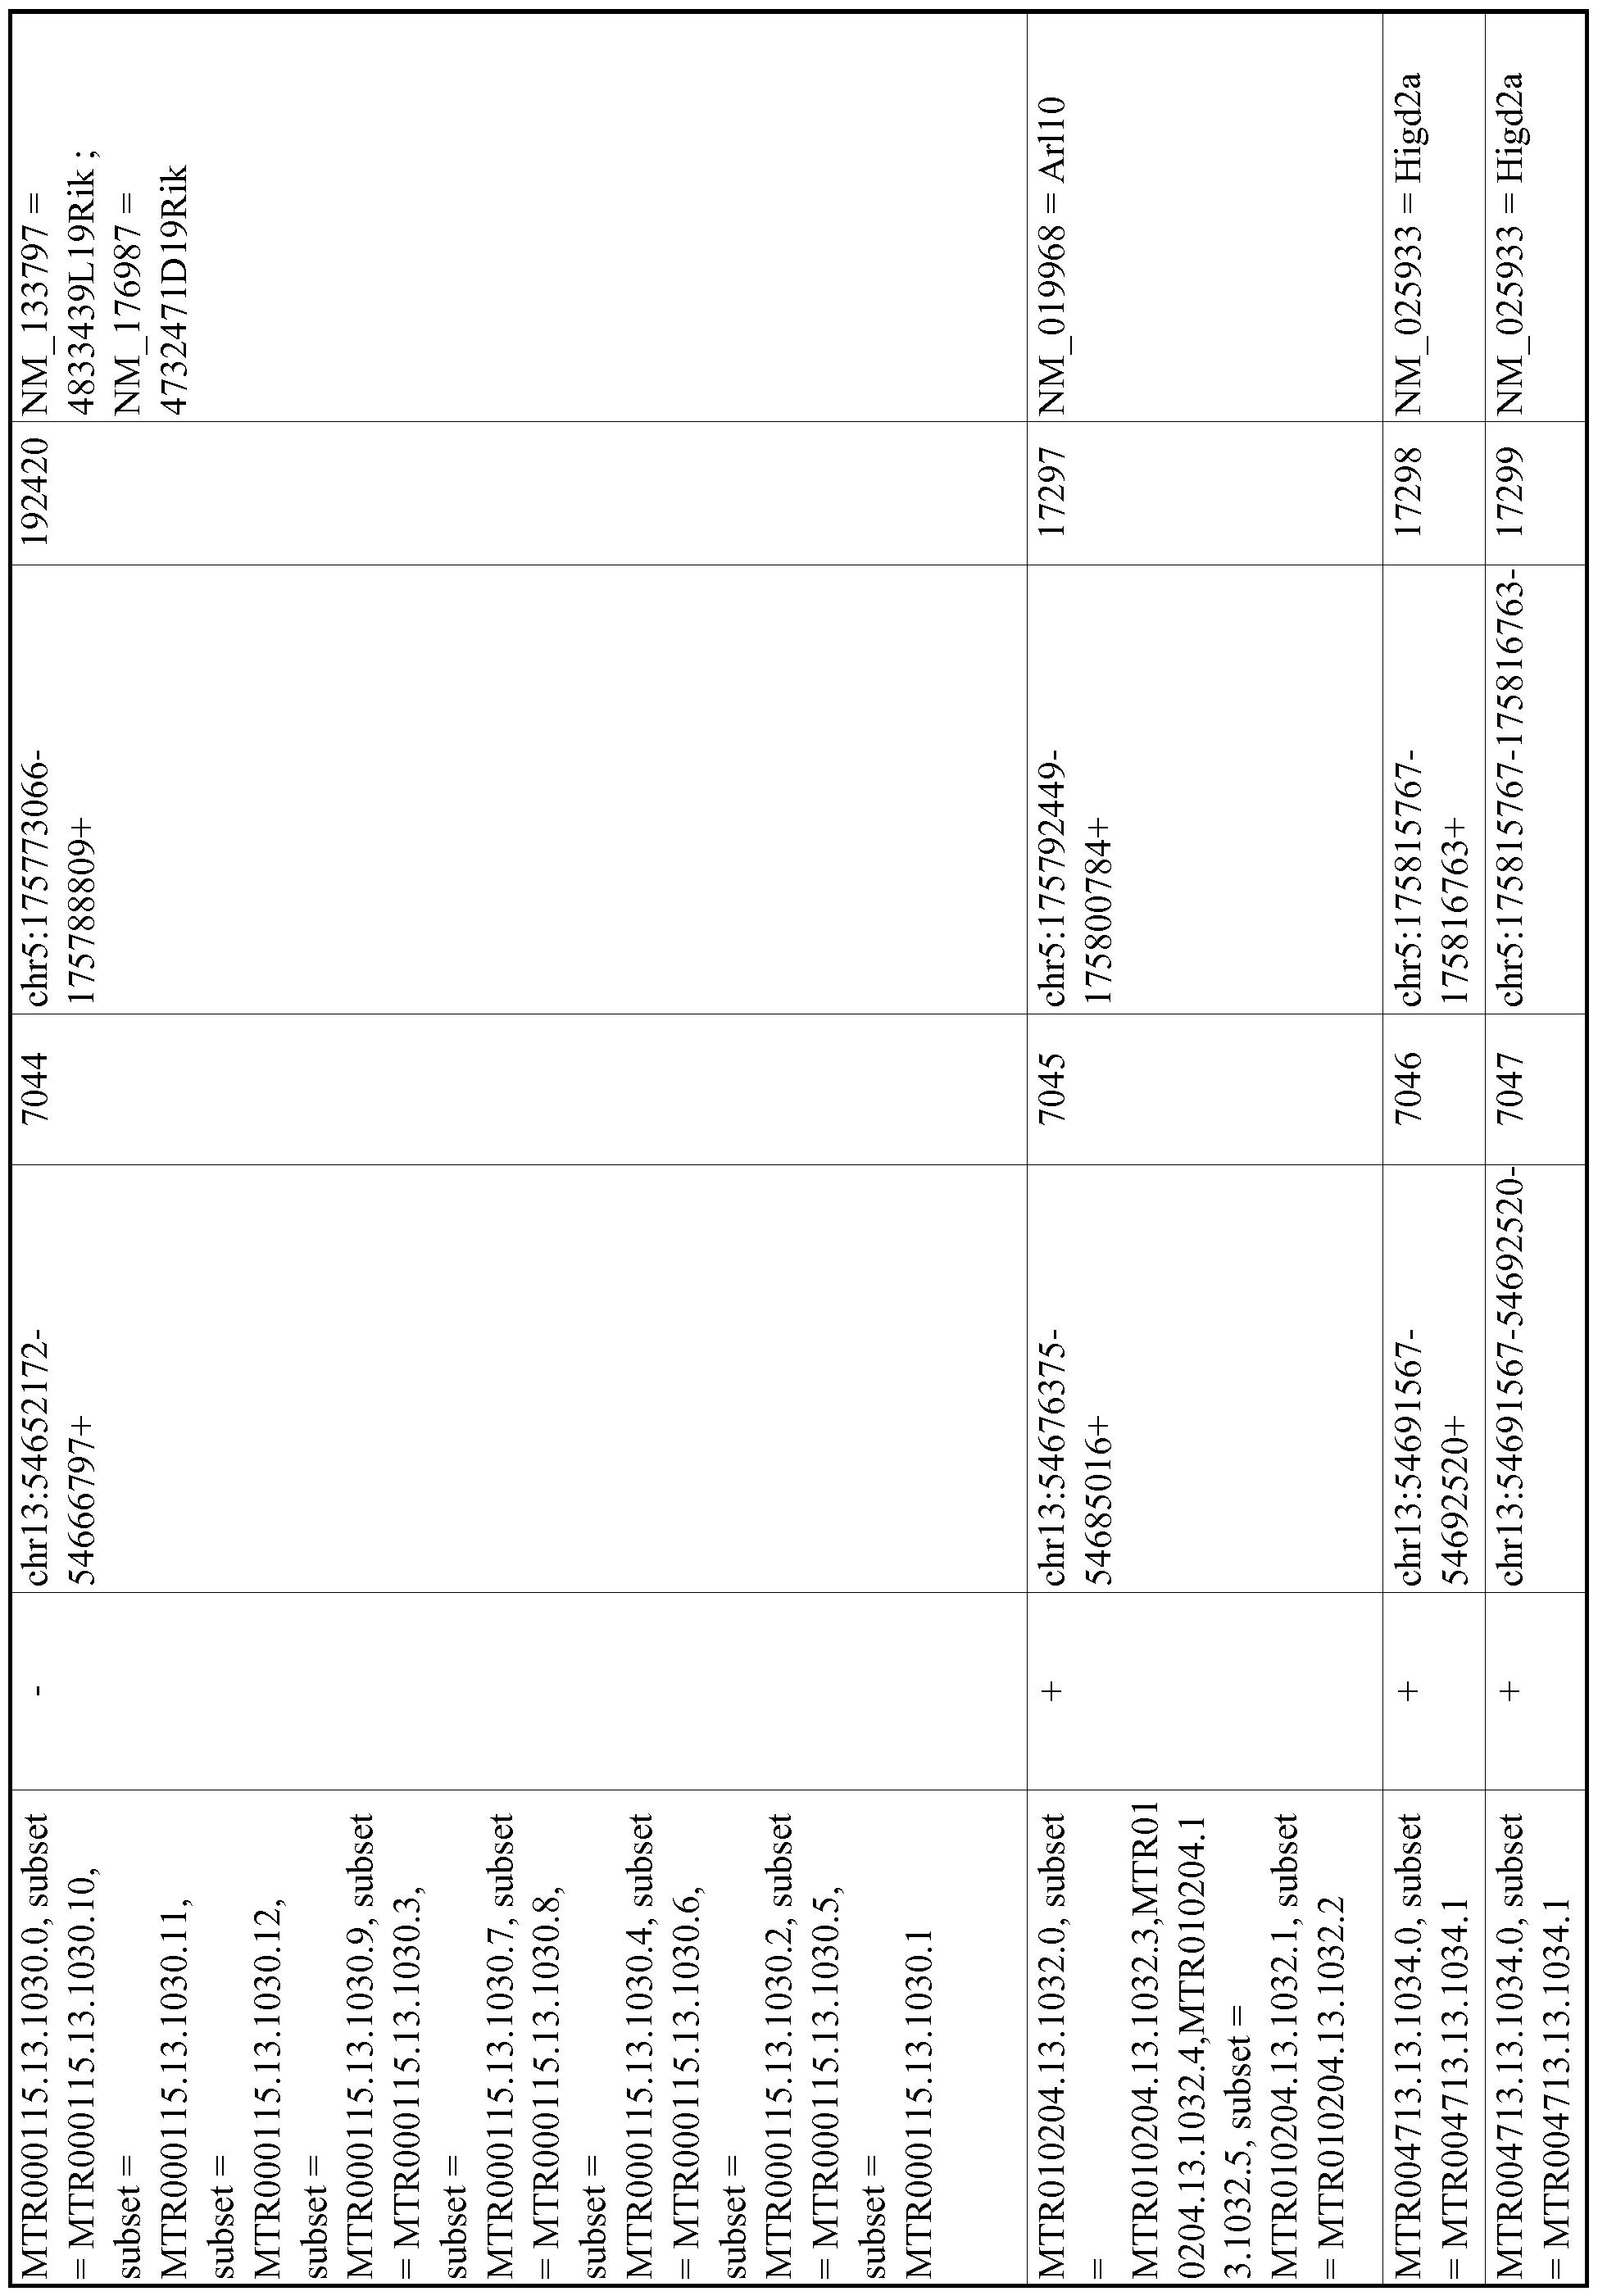 Figure imgf001239_0001